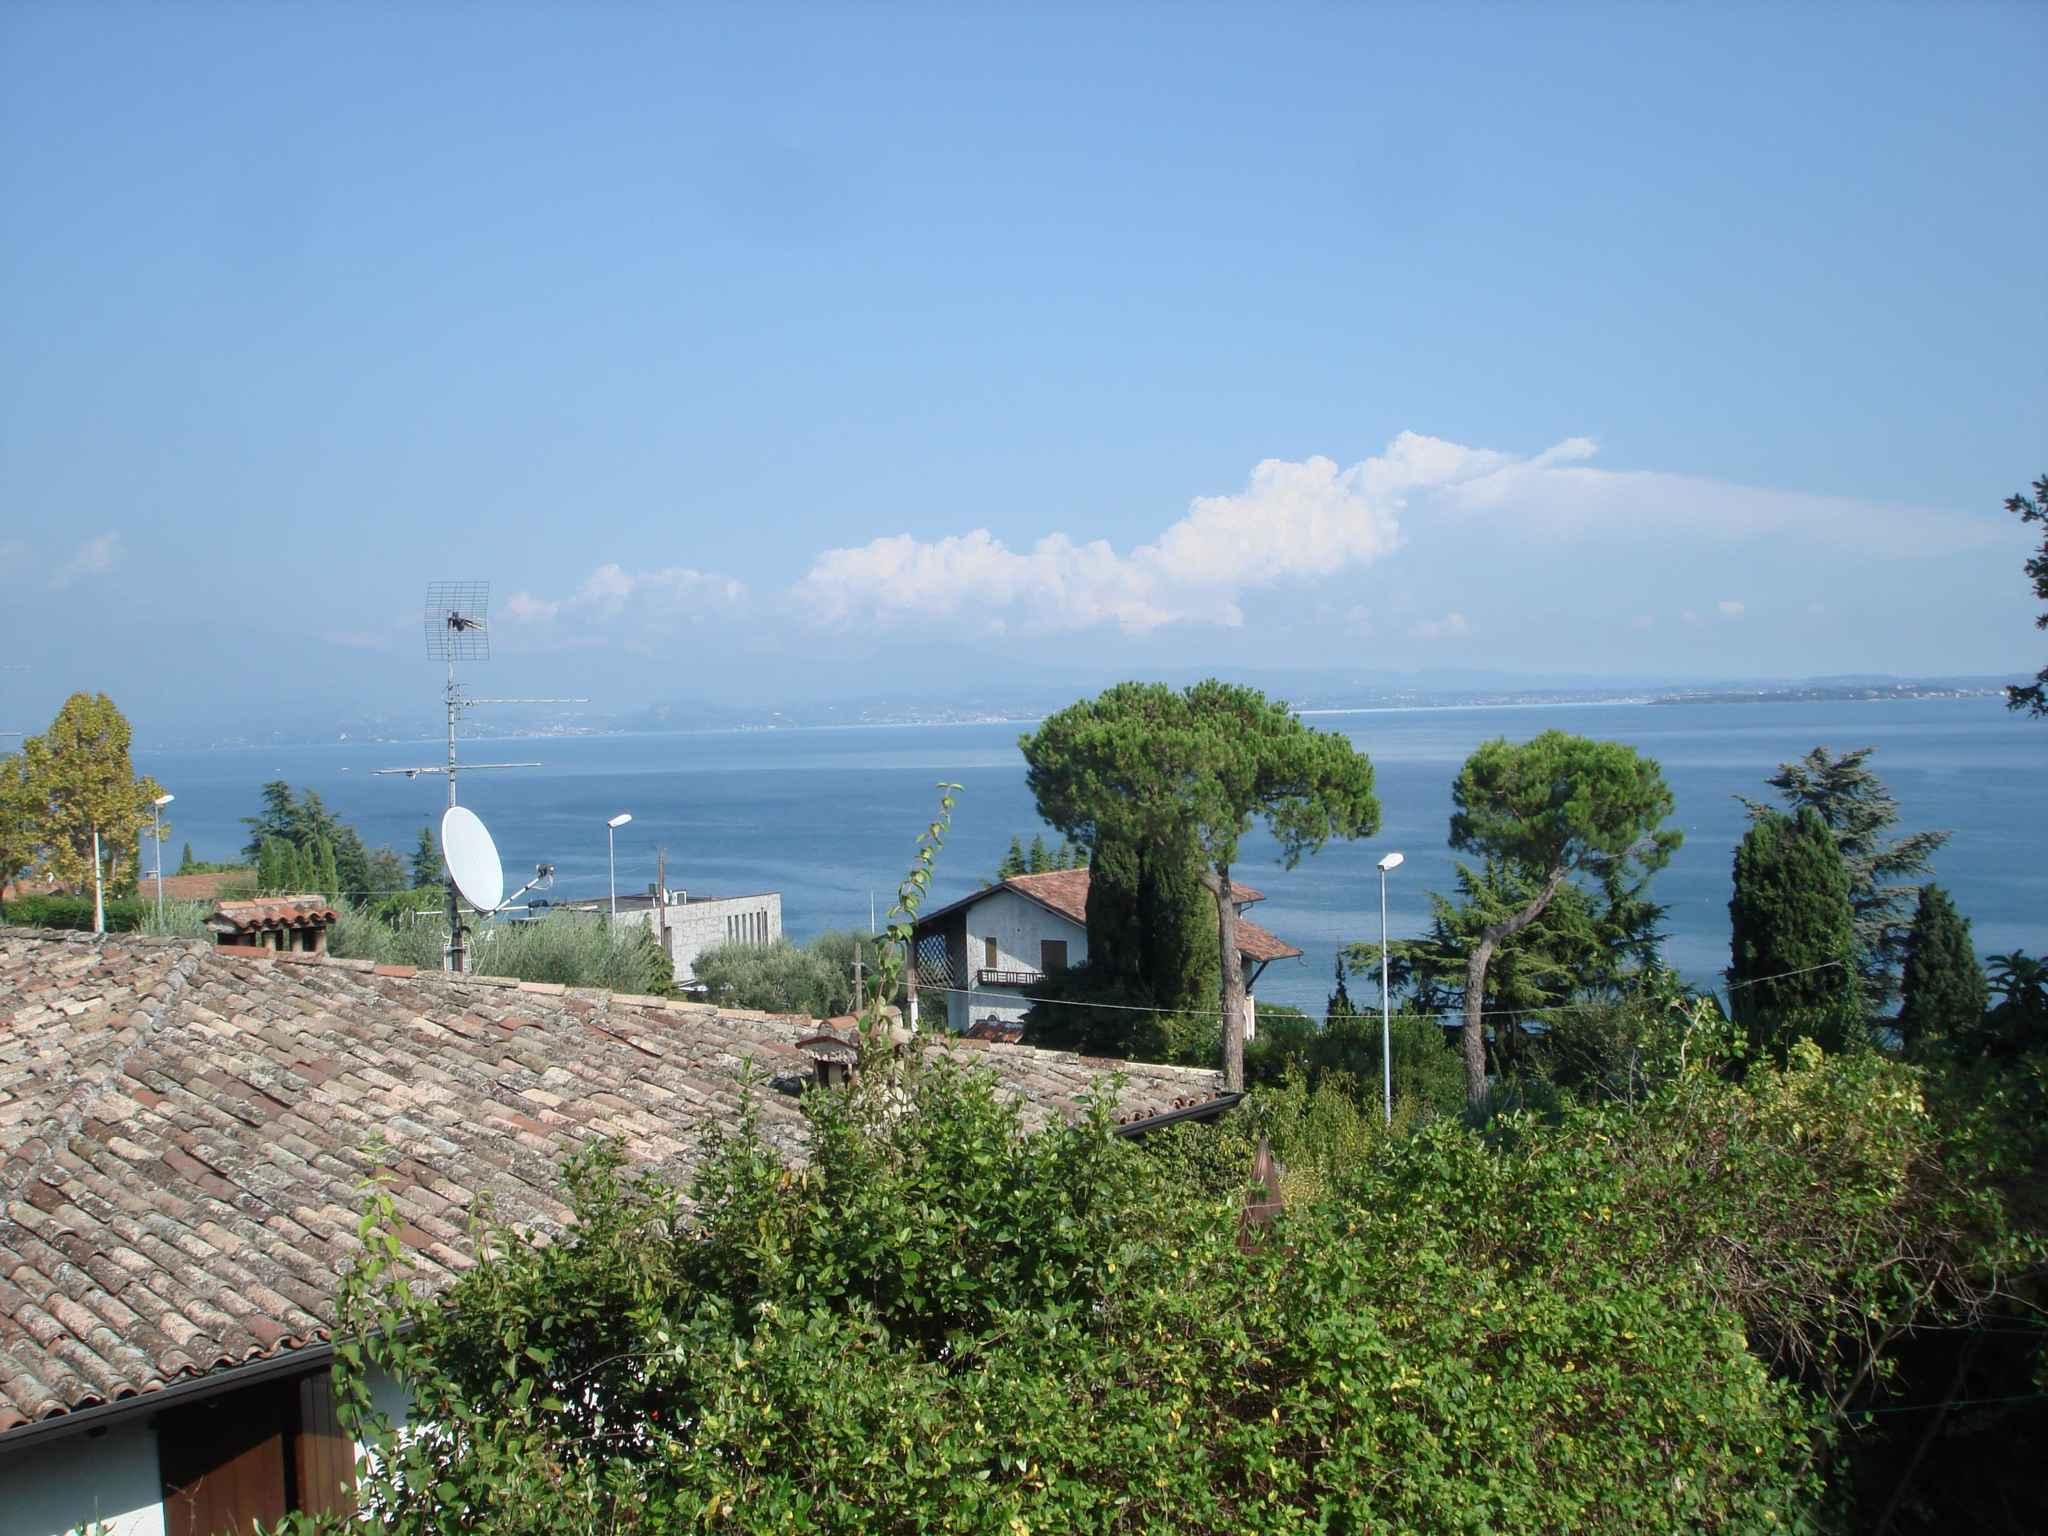 Ferienwohnung 400 m vom See mit Garten und Grill (1670470), Padenghe sul Garda, Gardasee, Lombardei, Italien, Bild 1